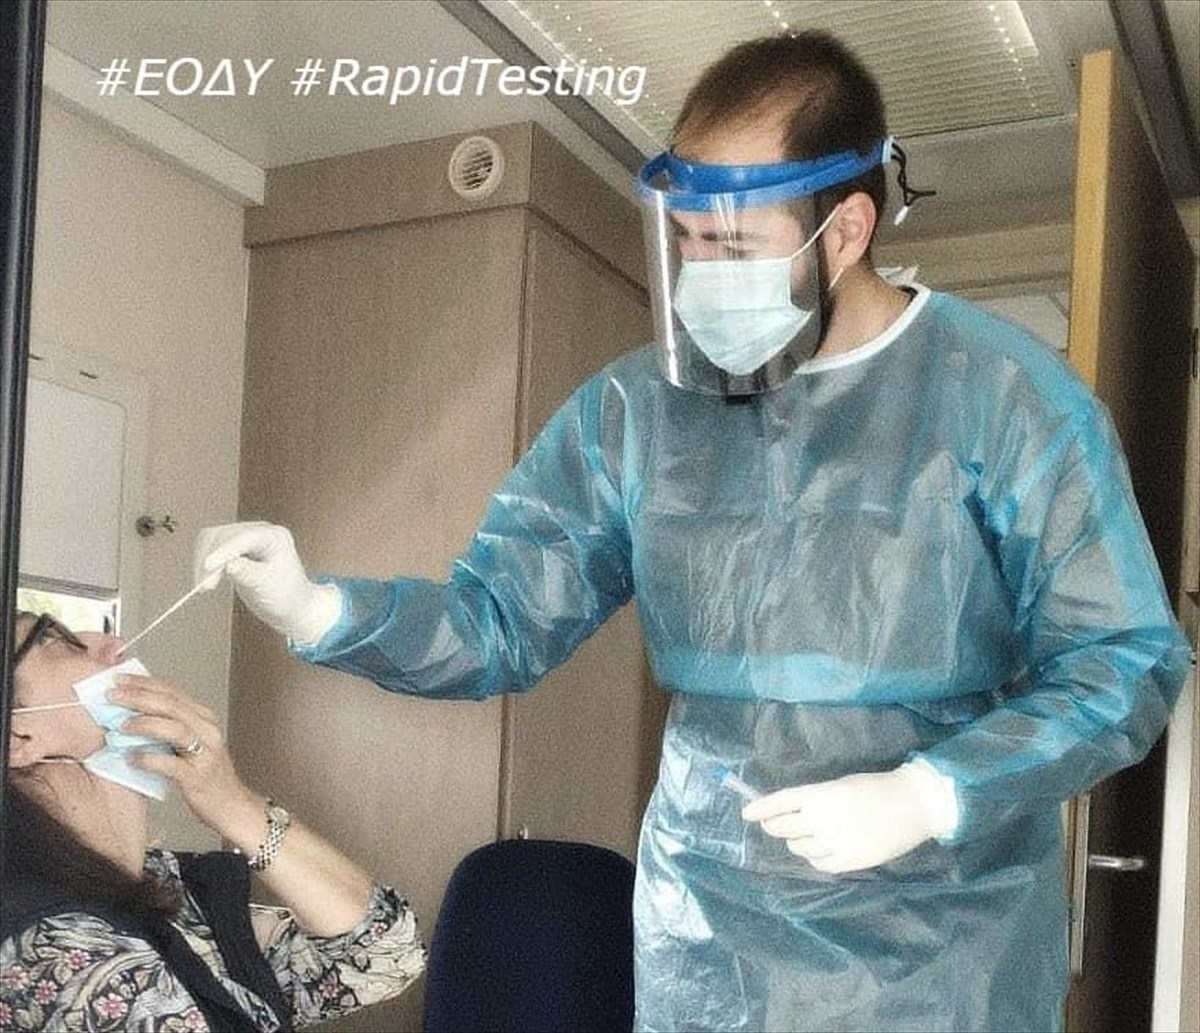 ΕΟΔΥ: Τα σημεία για δωρεάν rapid test σήμερα